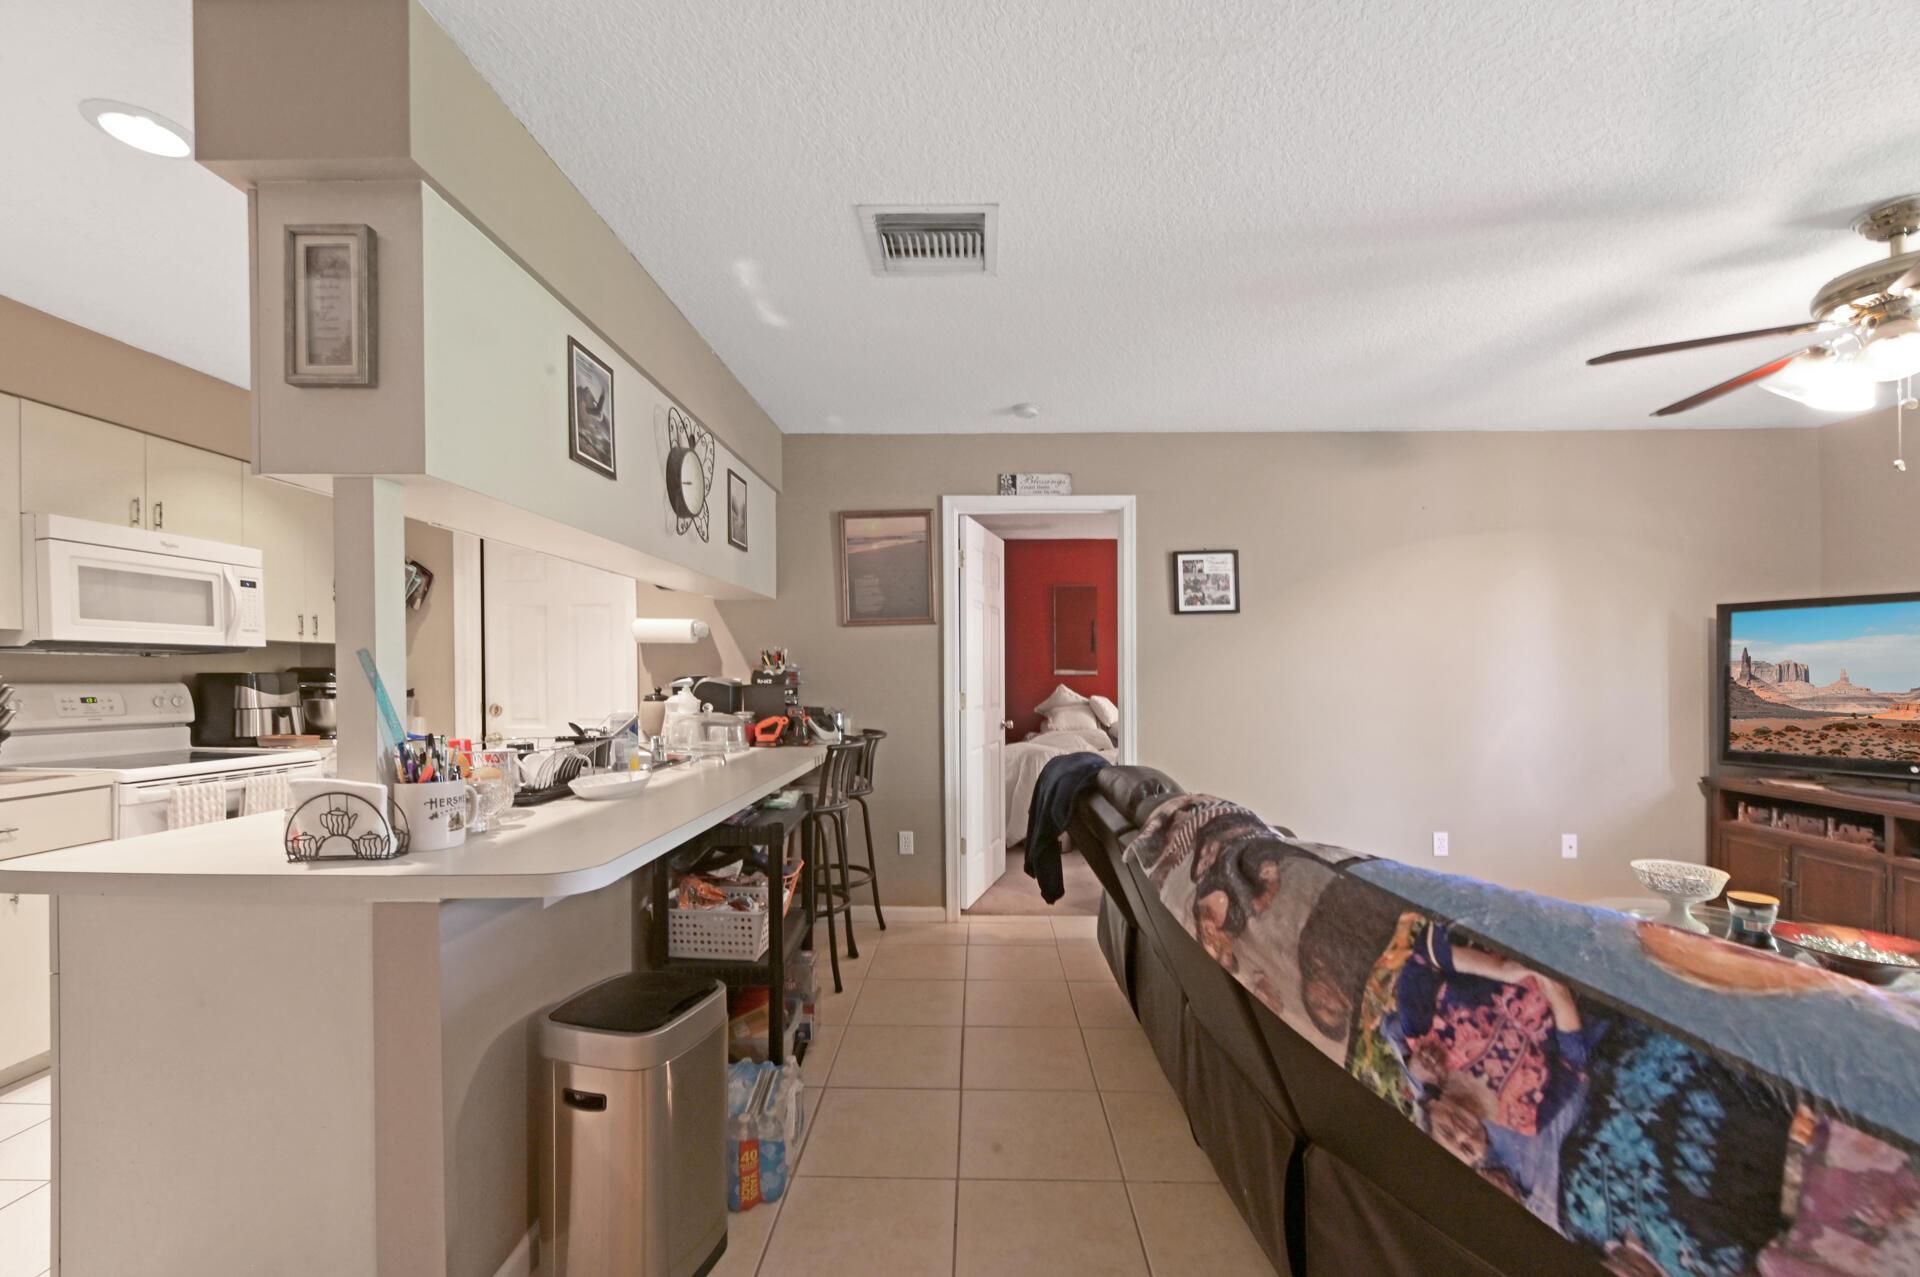 1020-04 Kitchen_002